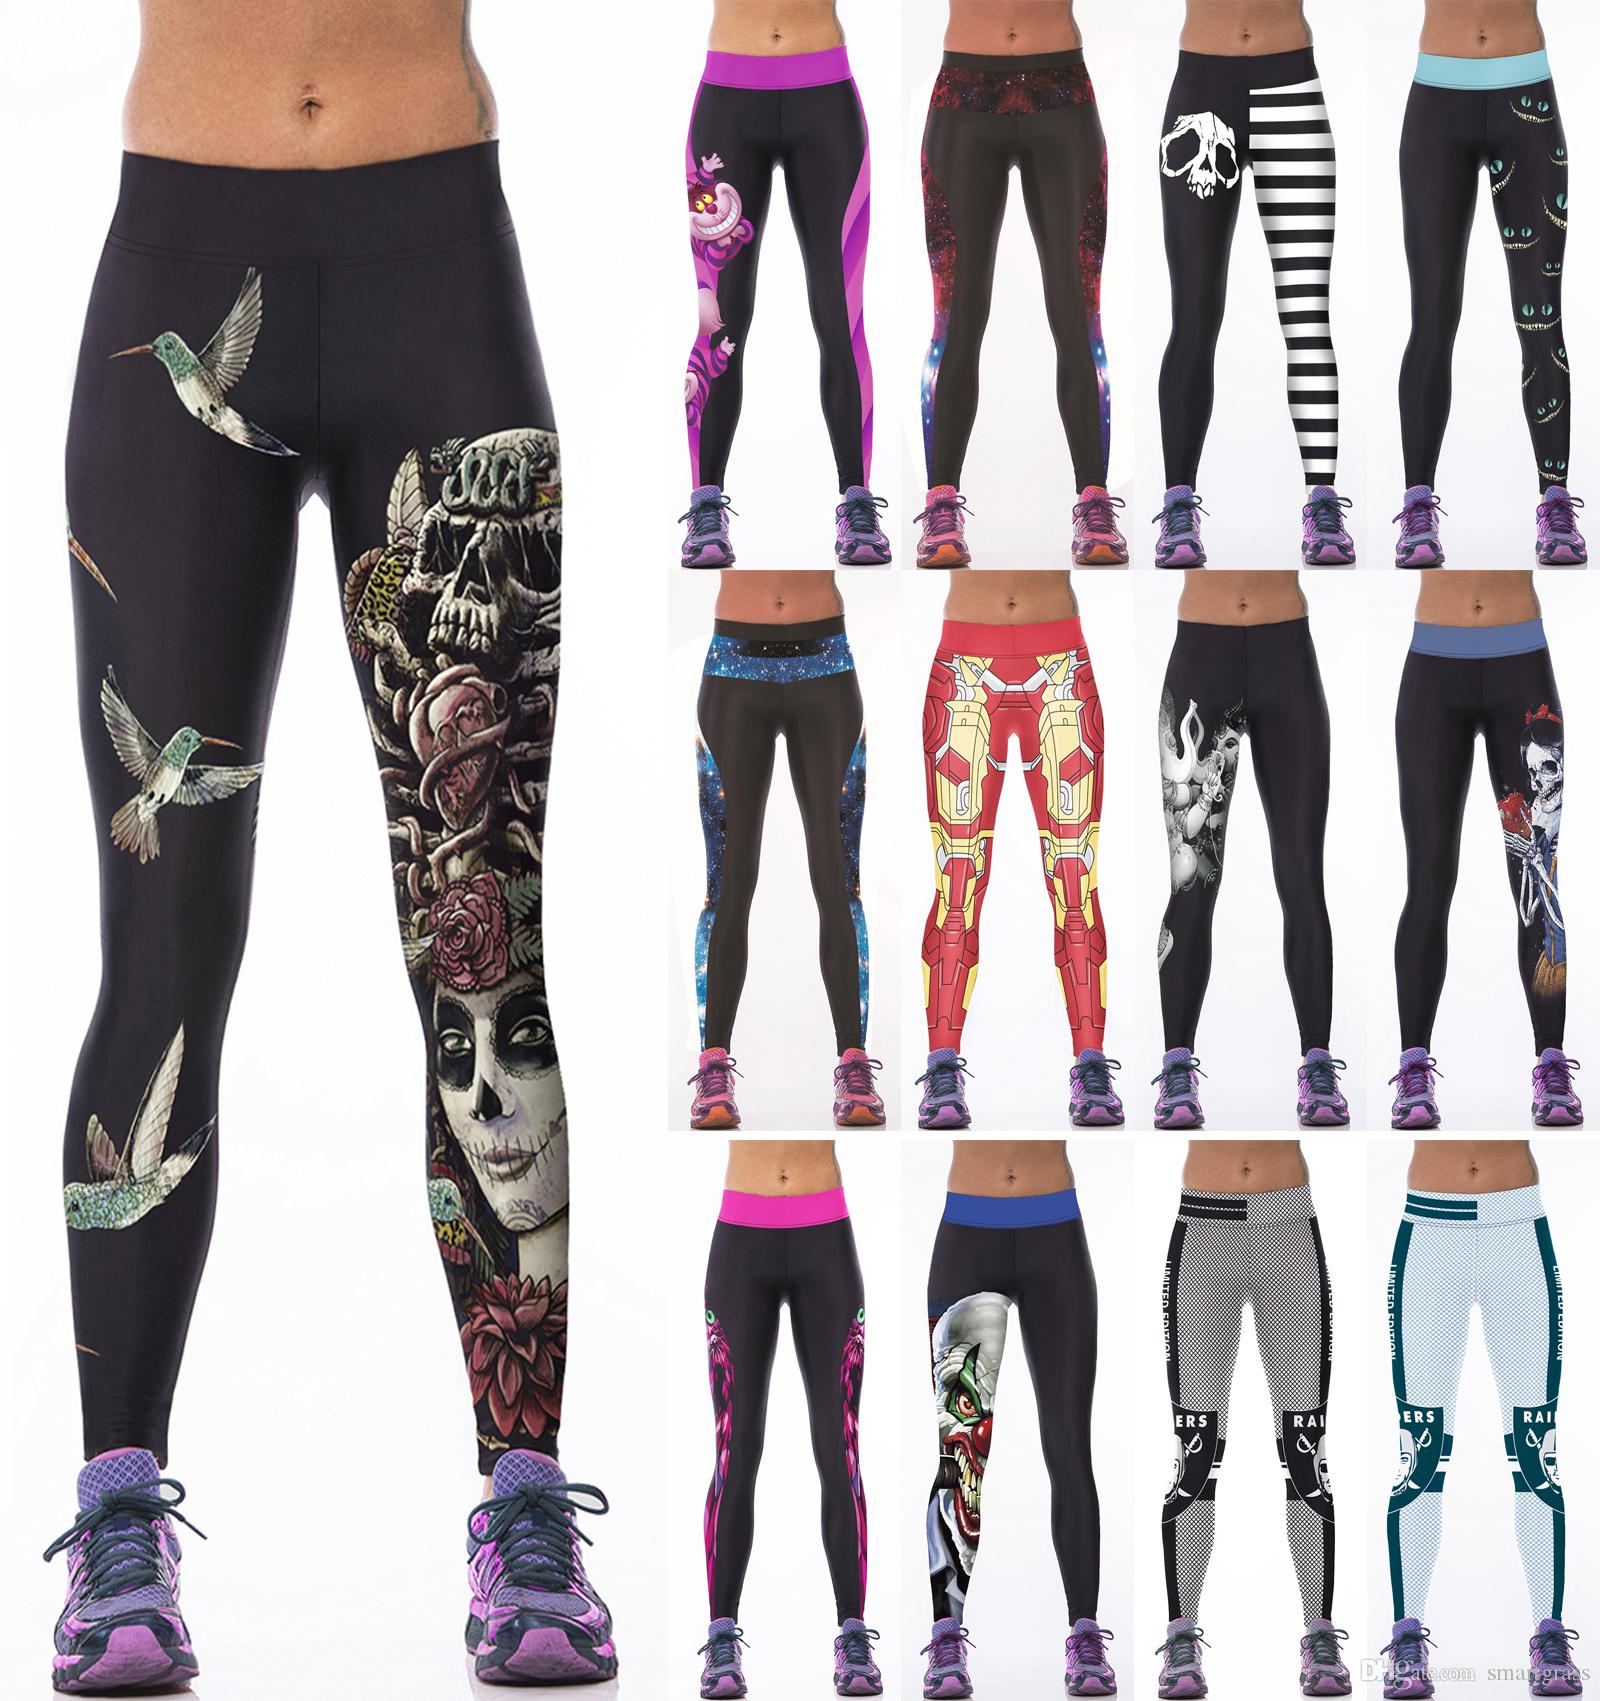 3aa5898cf7b 2017 Women Fashion Pants Women Printed Sports Legging Running Tights Capris  Jogging Pants Women Clothes Drop Shipping